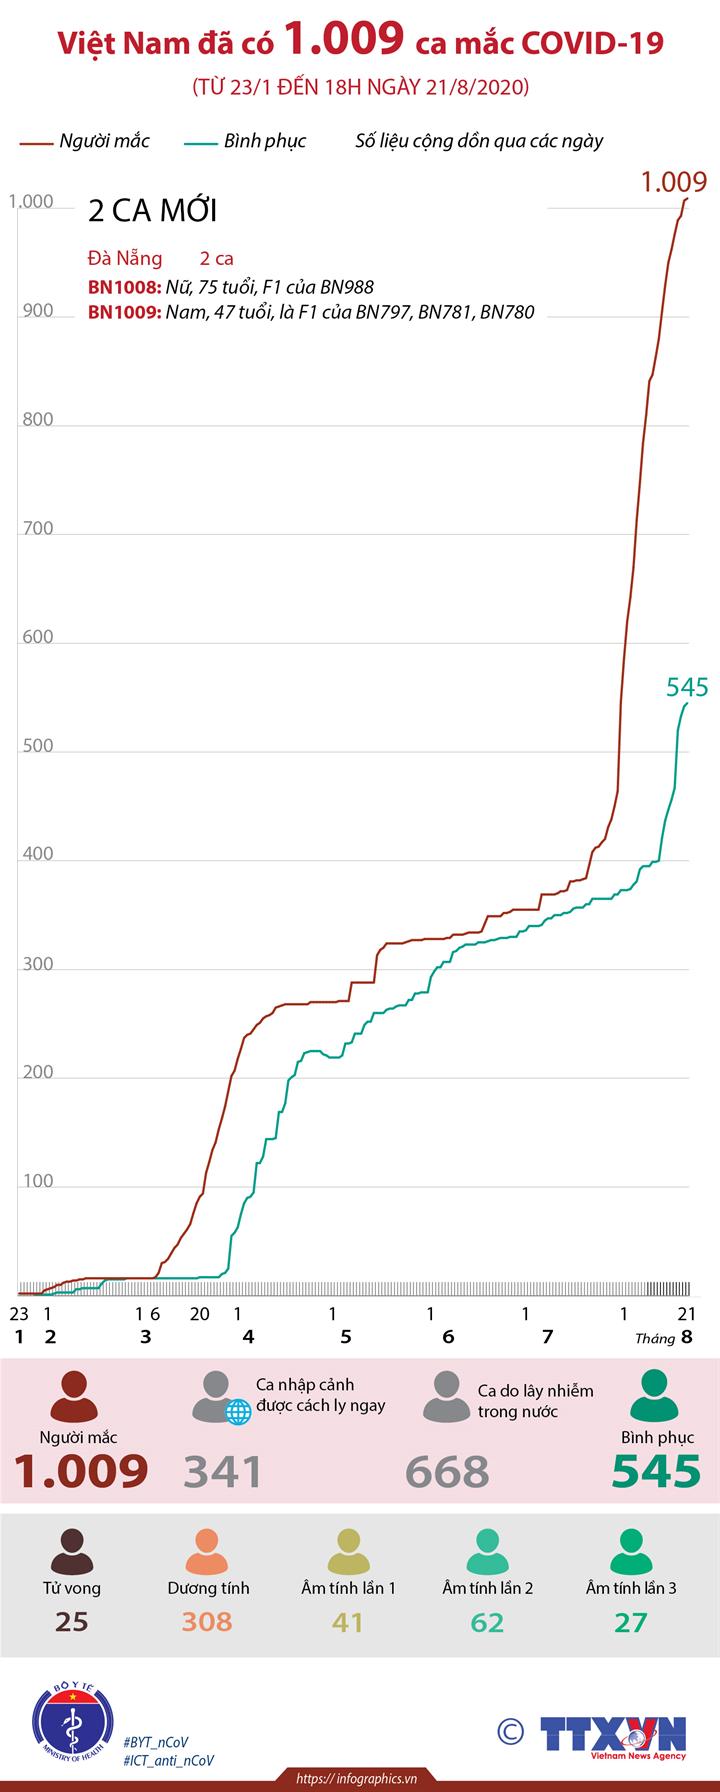 Việt Nam đã có 1.009 ca mắc COVID-19 (từ 23/1 đến 18h ngày 21/8/2020)